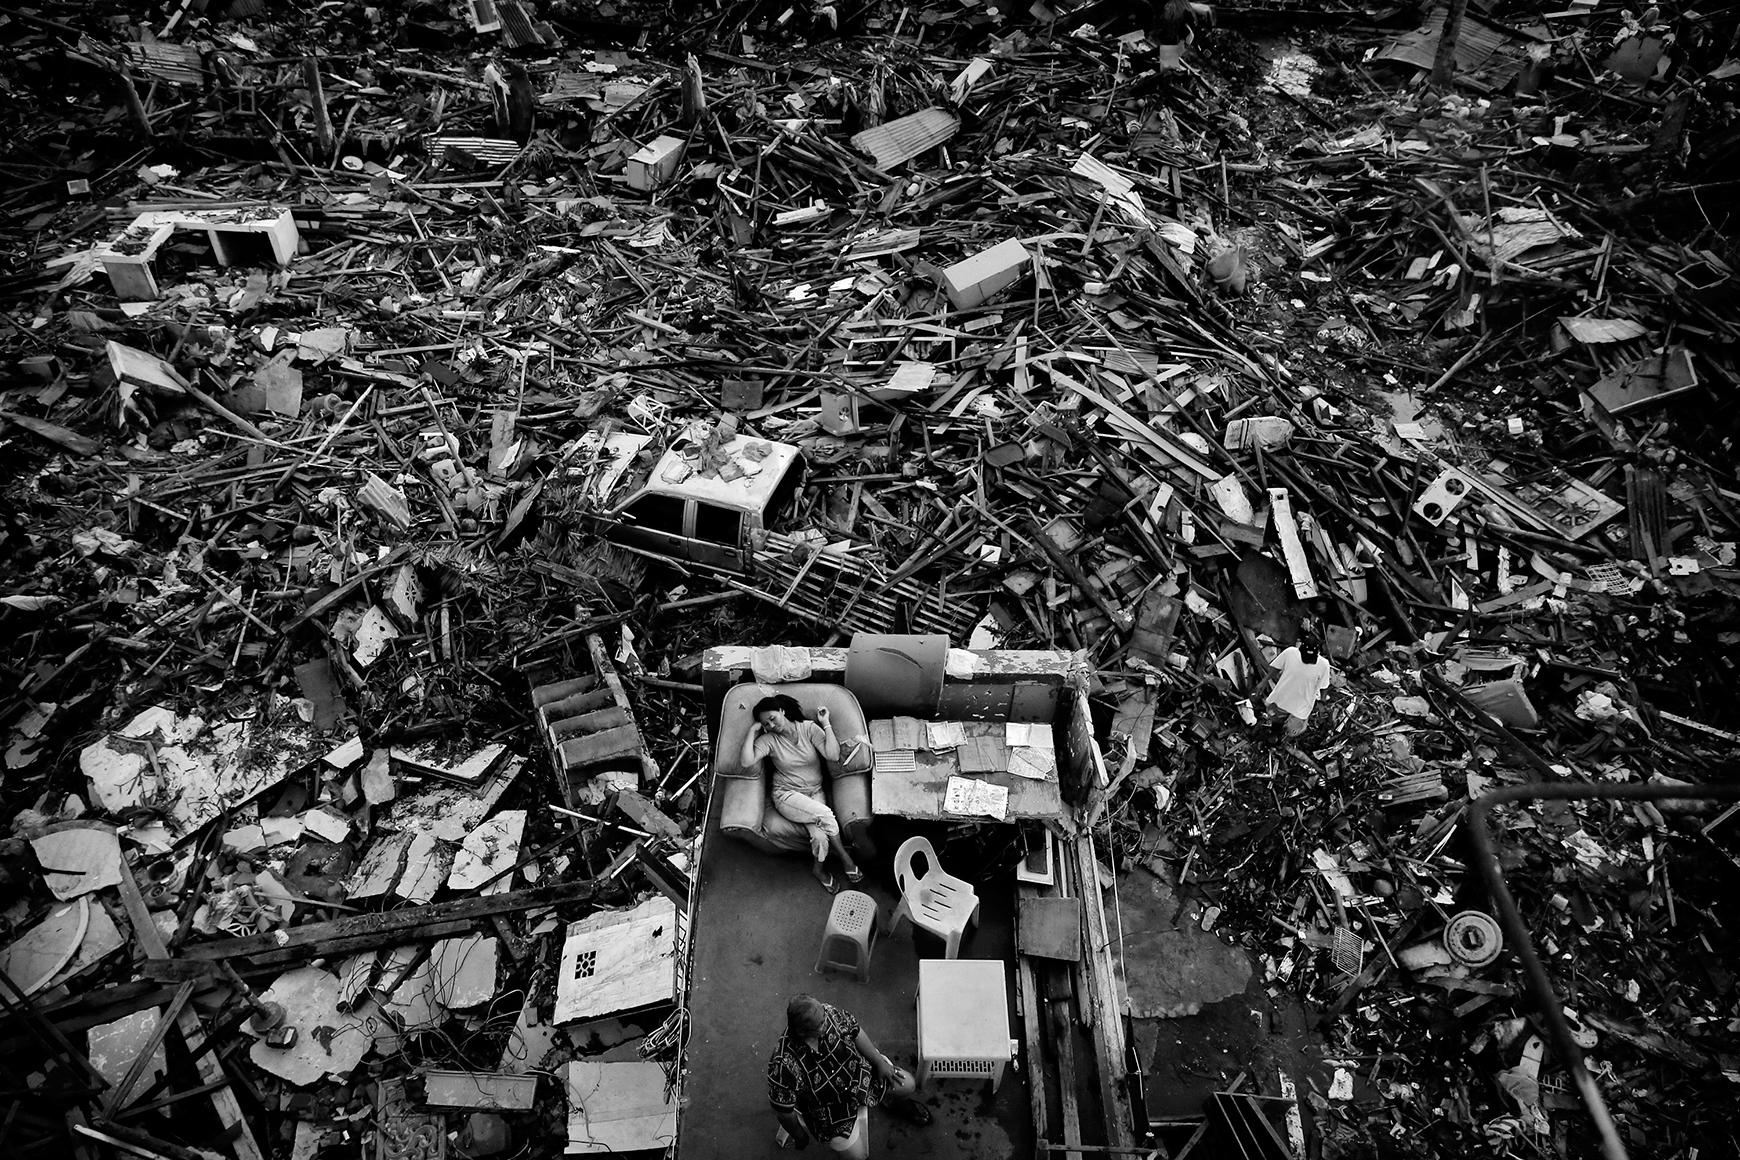 Chinese fotoprijs voor beeld gevolgen orkaan Filippijnen